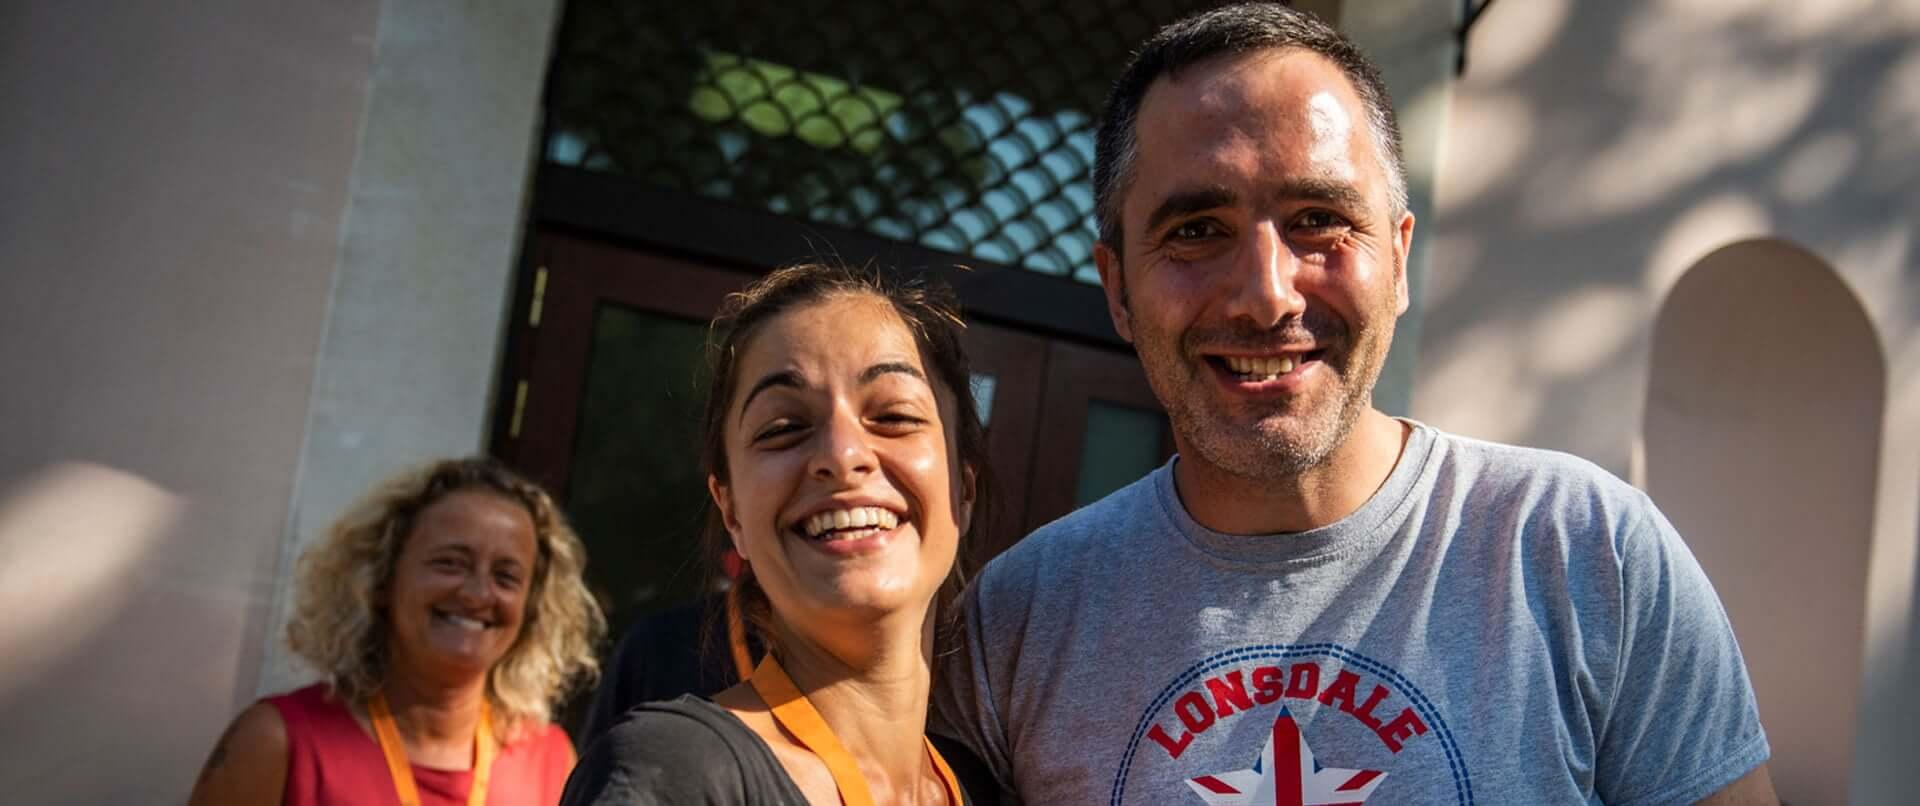 Un uomo e una donna sorridenti